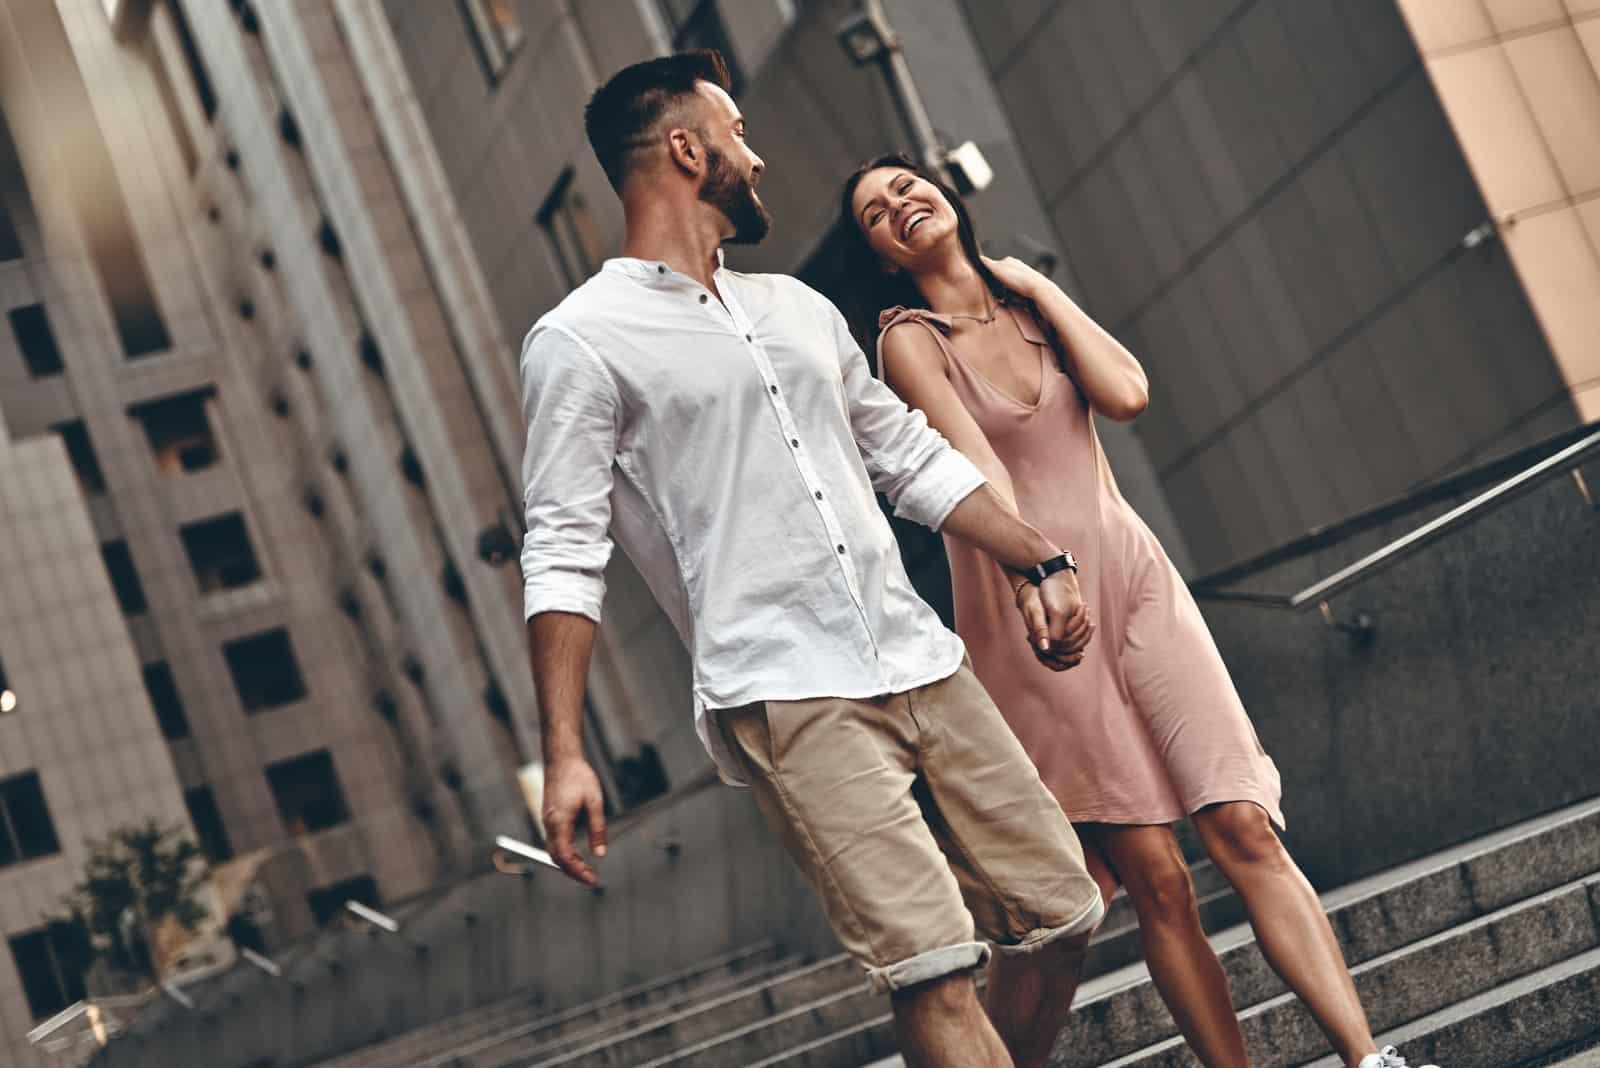 ein Mann und eine Frau gehen Händchen haltend